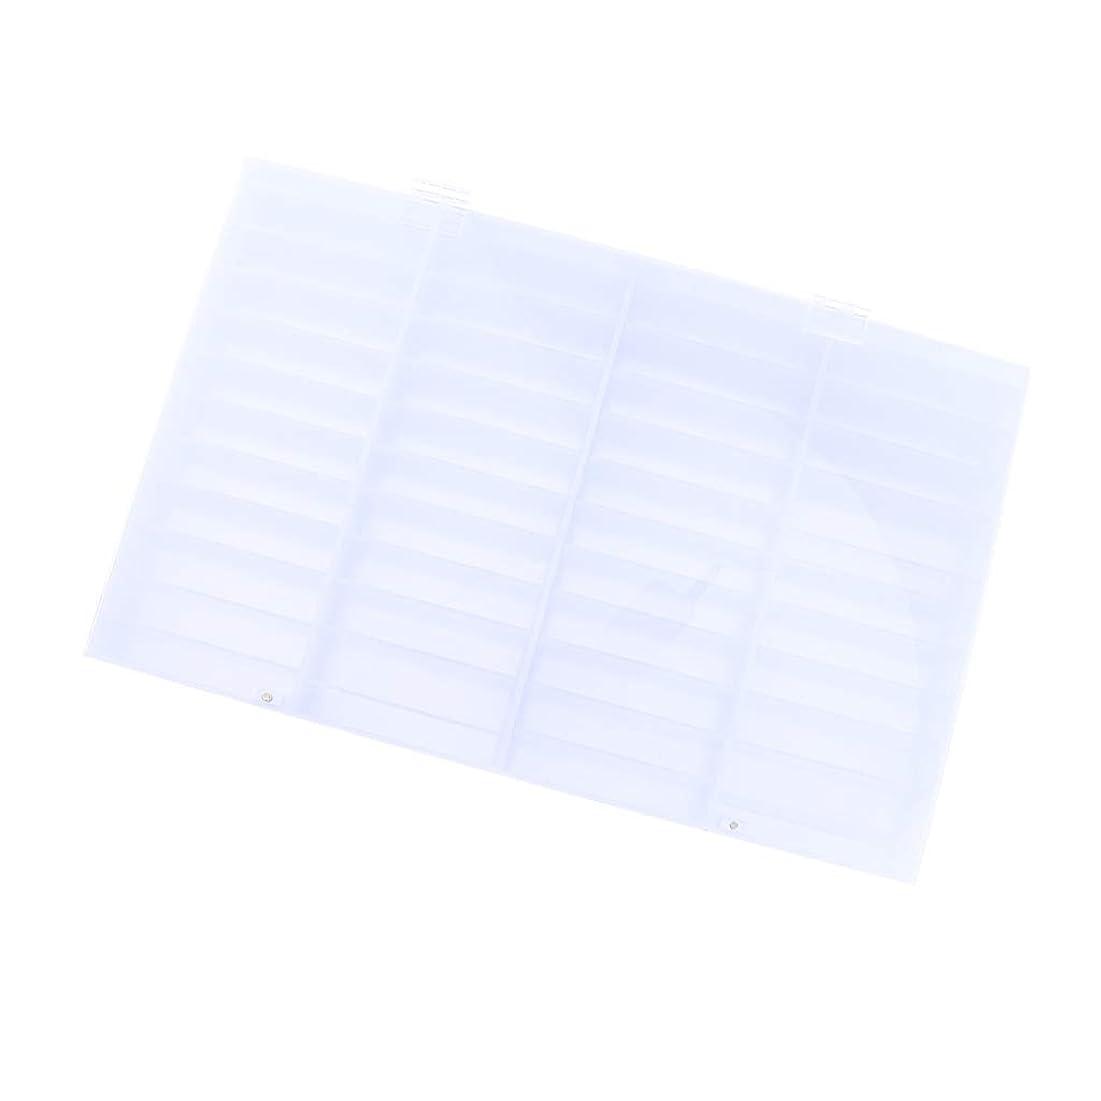 冷酷な抵抗する独立してIPOTCH ネイルチップ収納ボックス 44コンパートメント 小物入り 収納容器 ディスプレイケース